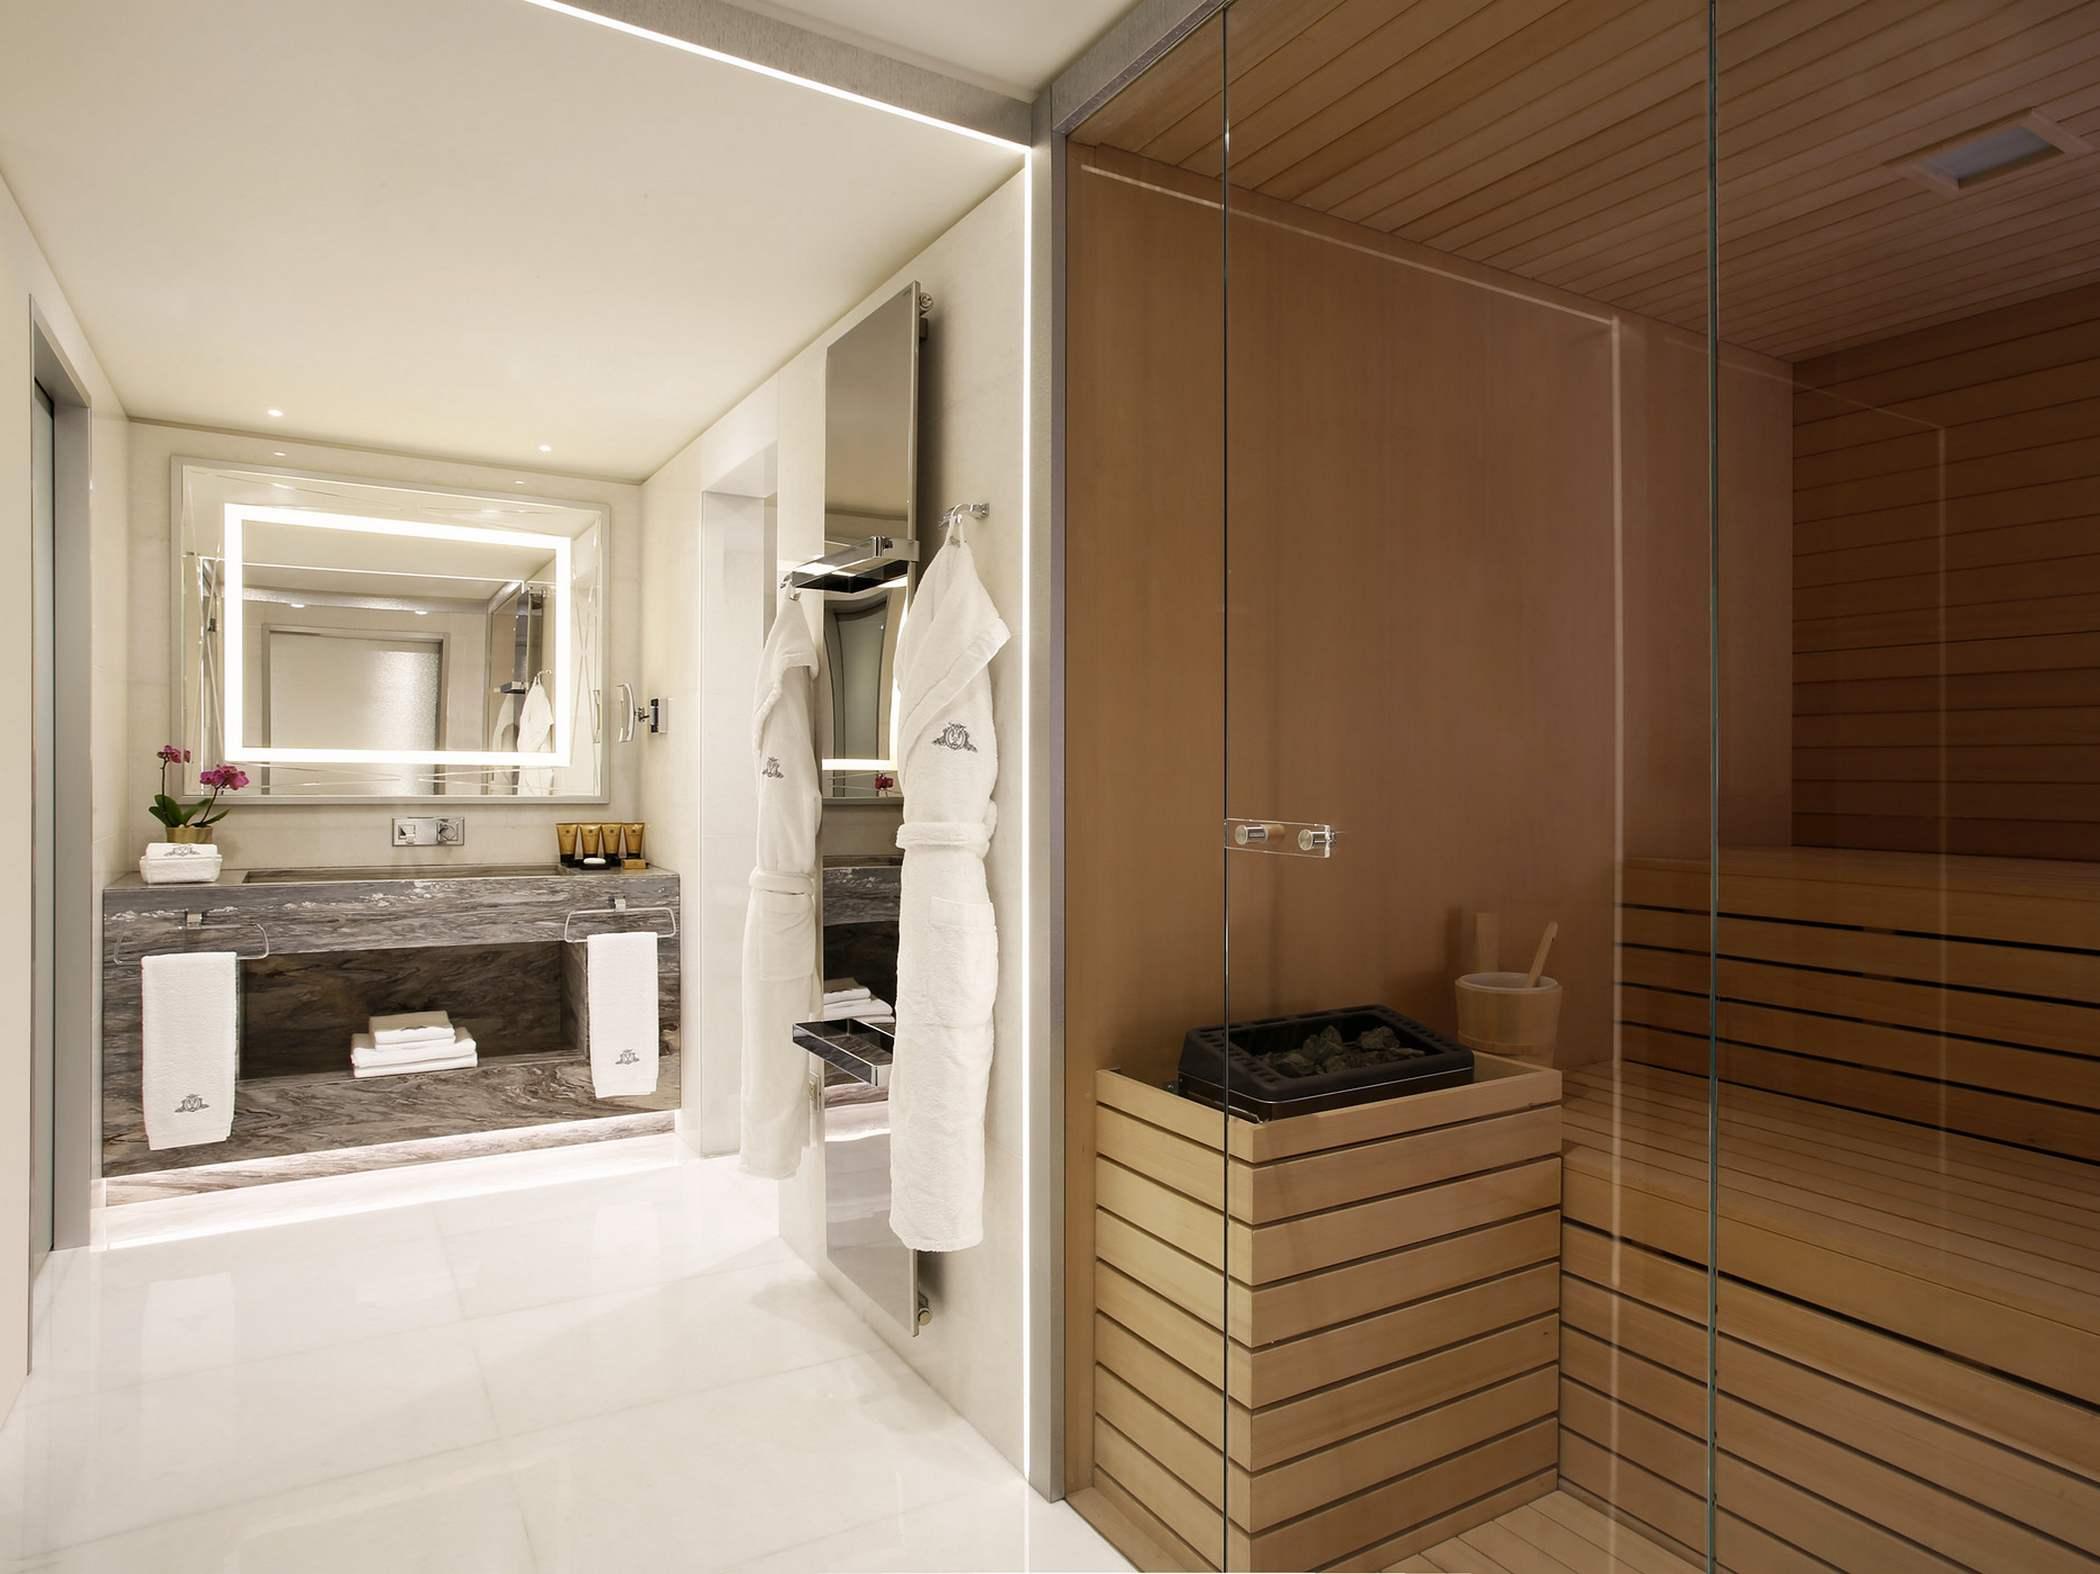 excelsior-hotel-gallia-katara-suite-princess-suite-sauna